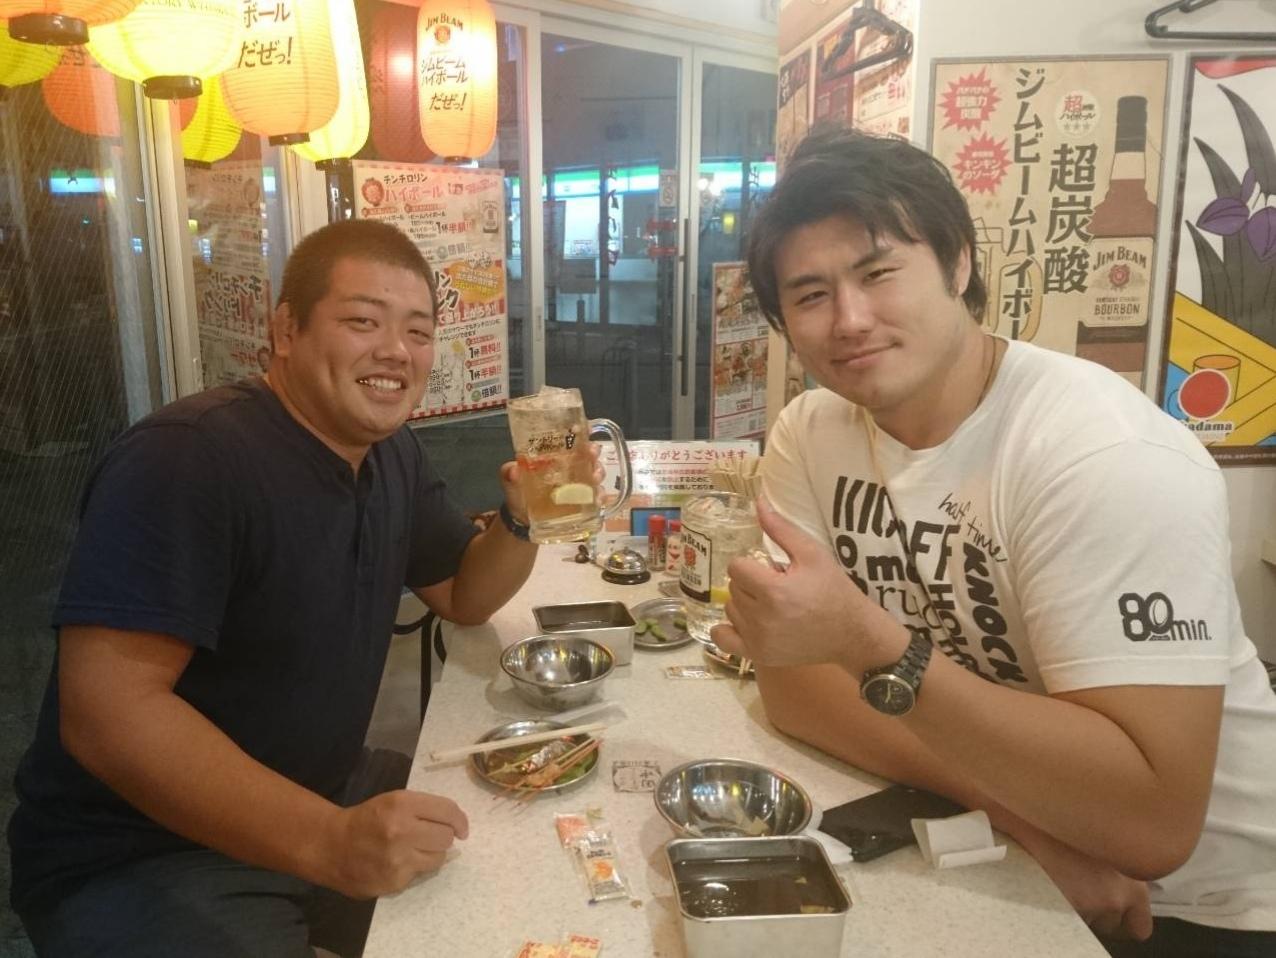 横浜でラグビー初心者講座終了。ありがとうございました!